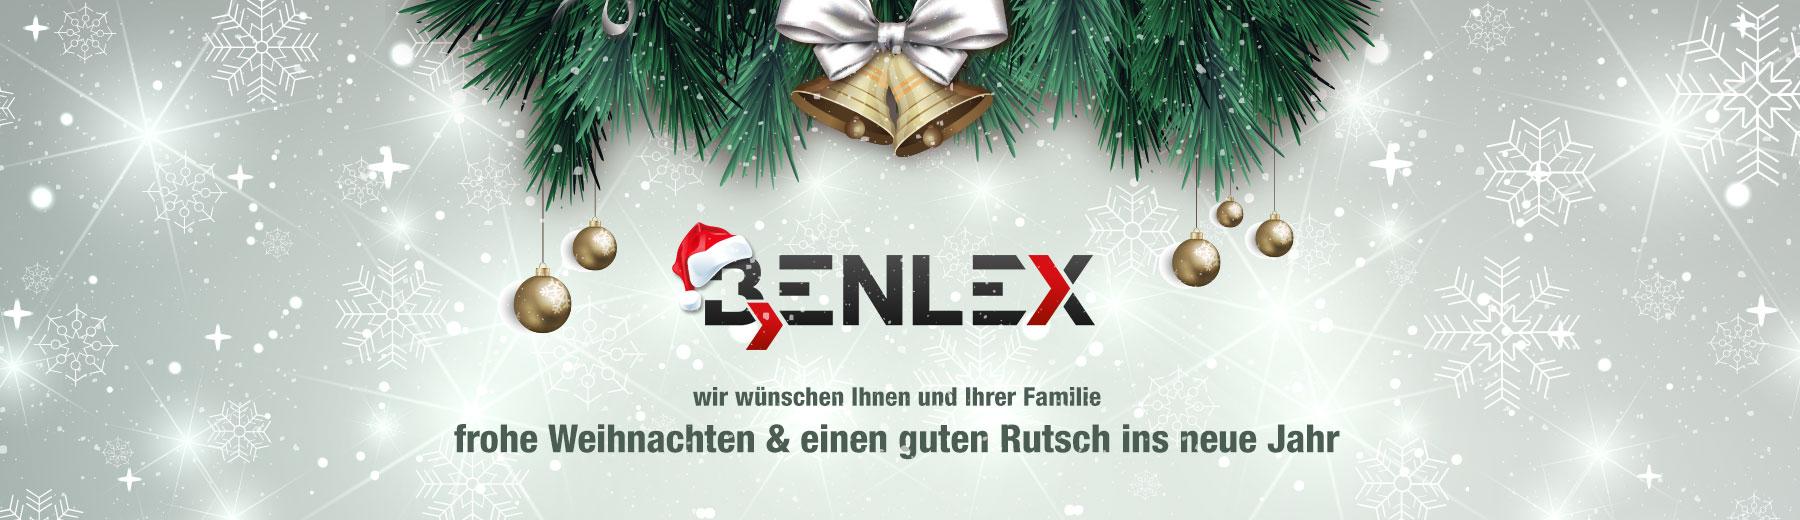 Wir Wünschen Euch Frohe Weihnachten Und Einen Guten Rutsch.Frohe Weihnachten Einen Guten Rutsch In Das Neue Jahr Benlex